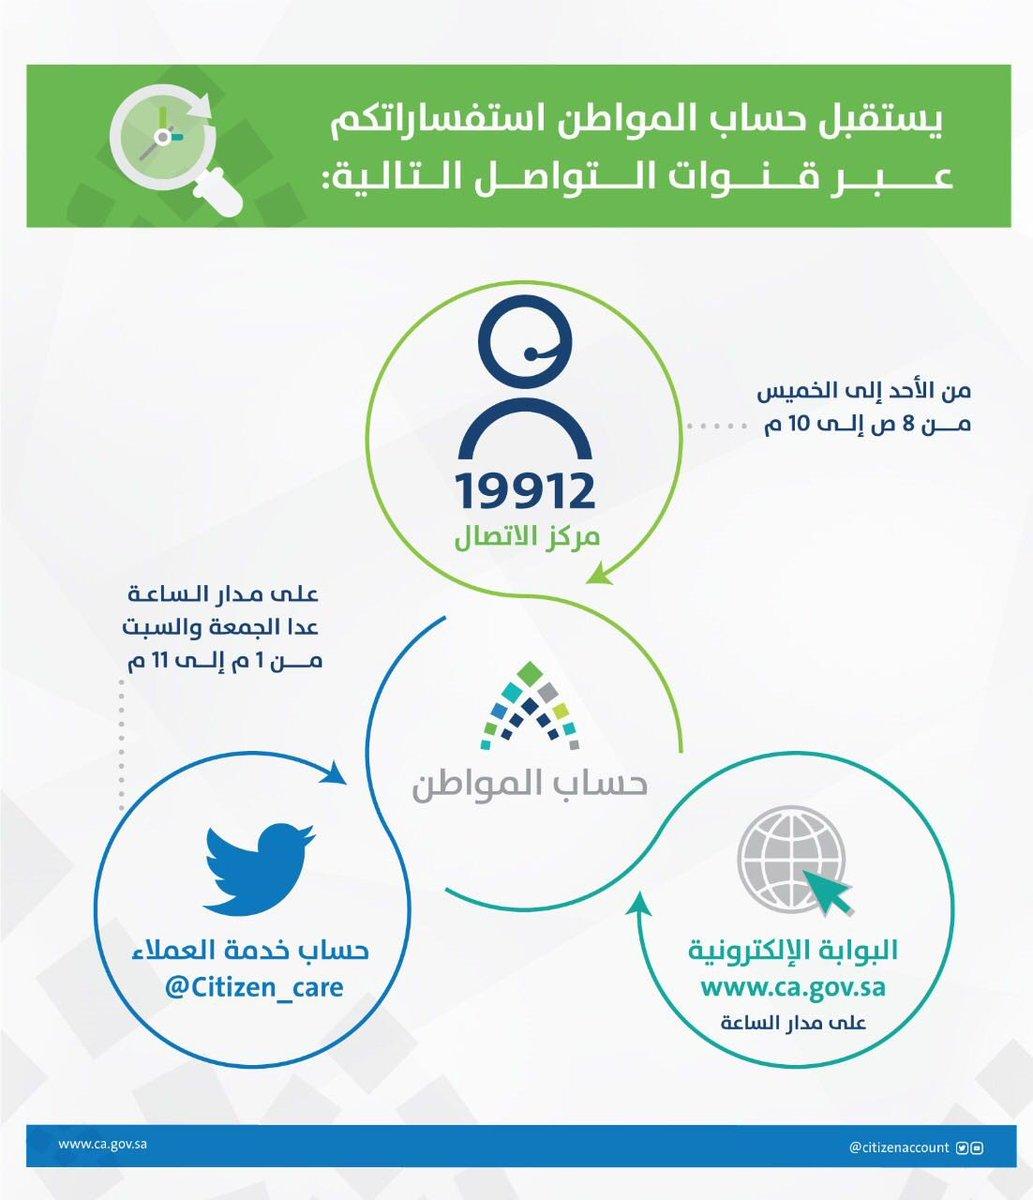 كيفية التسجيل في بوابة حساب المواطن الالكترونية 1439 وموعد استحقاق الدفعة الخامسة| متابعة رابط الدعم 3 15/3/2018 - 11:30 ص